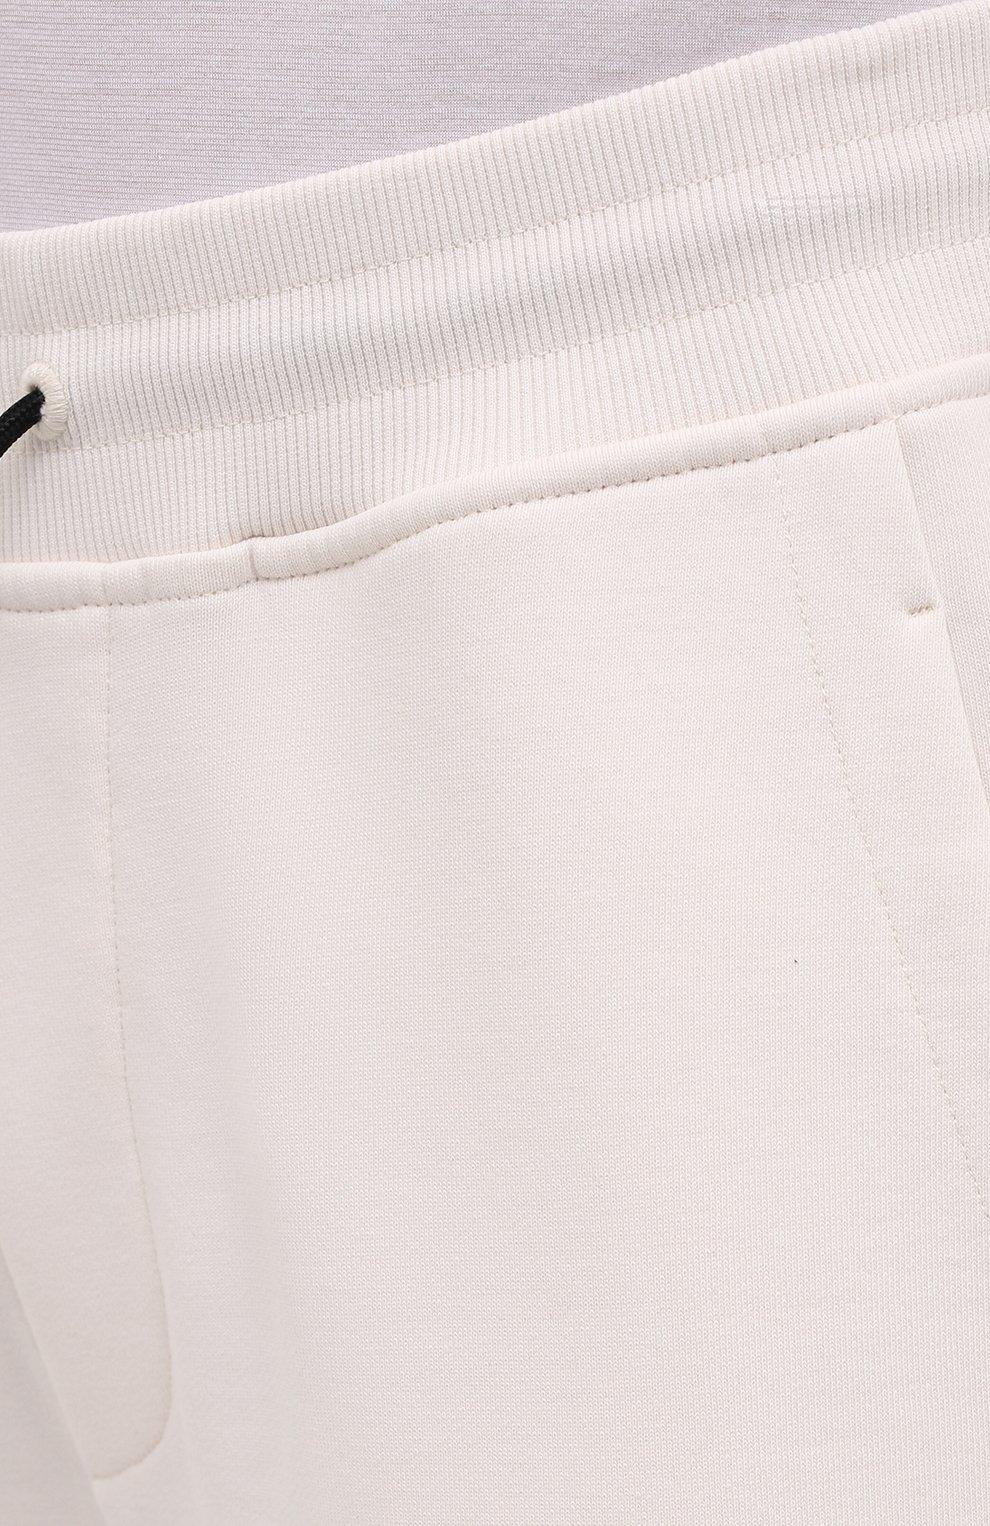 Мужские хлопковые джоггеры HUGO белого цвета, арт. 50452628 | Фото 5 (Мужское Кросс-КТ: Брюки-трикотаж; Длина (брюки, джинсы): Стандартные; Кросс-КТ: Спорт; Материал внешний: Хлопок; Стили: Спорт-шик; Силуэт М (брюки): Джоггеры)